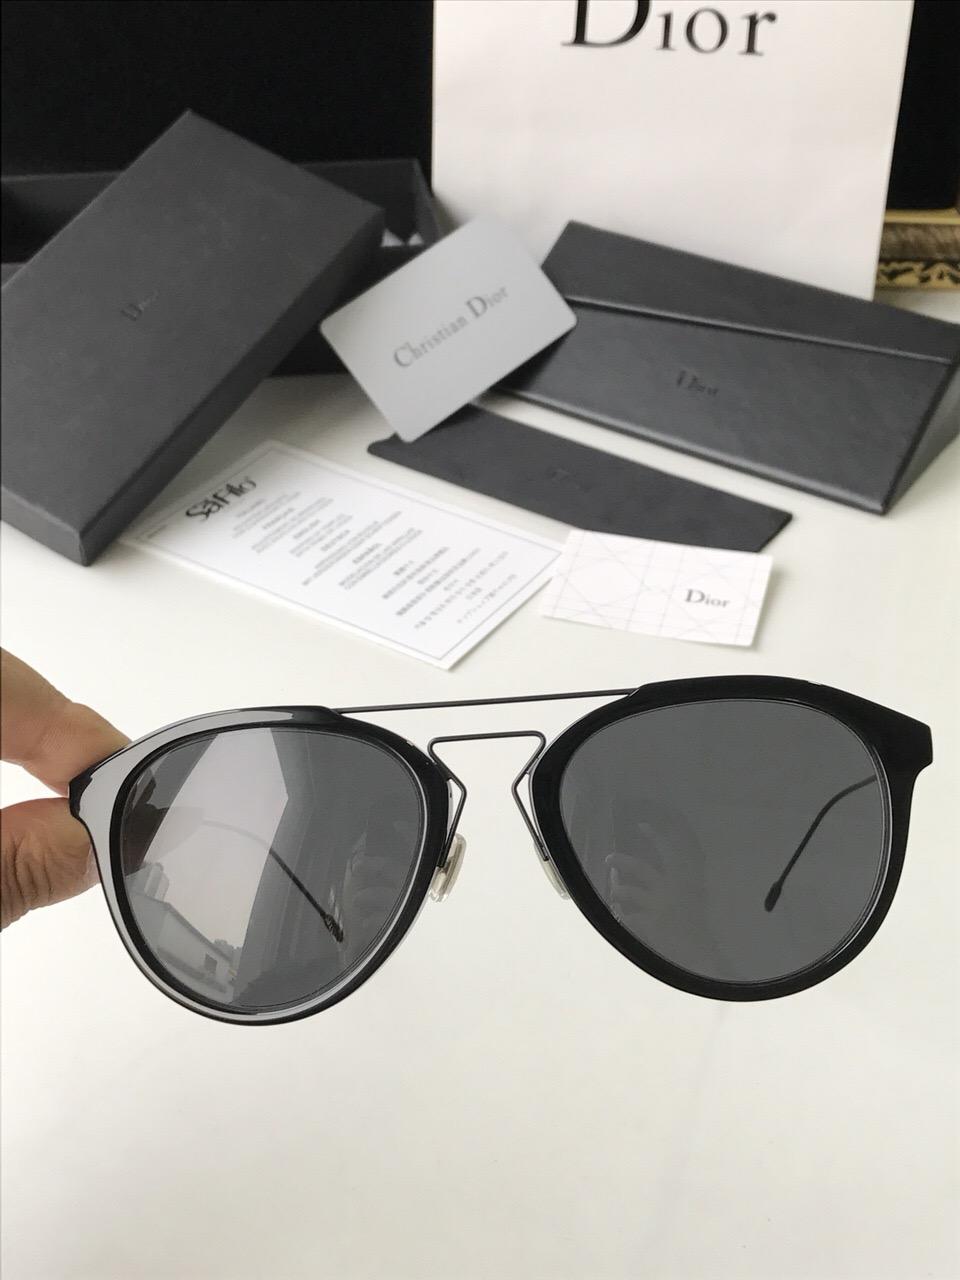 女士墨镜品牌排行_dior官网太阳眼镜 复古双梁蛤蟆墨镜_迪奥_世纪奢品